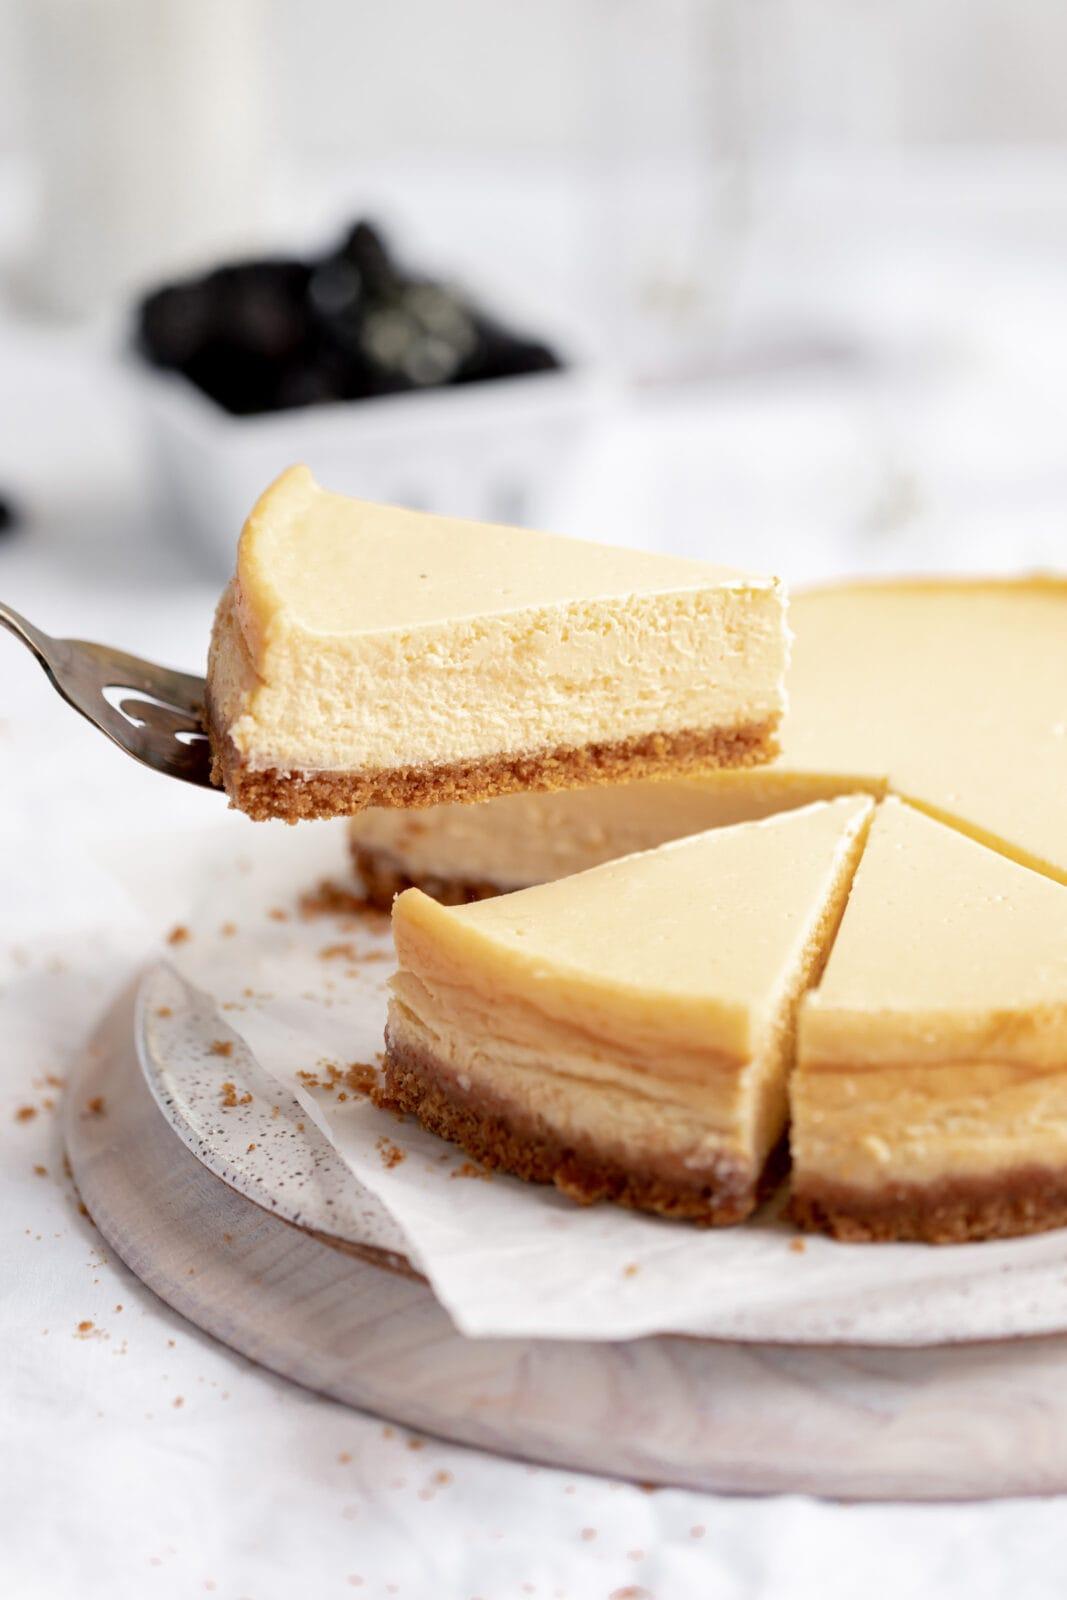 slice of homemade cheesecake with graham cracker crust